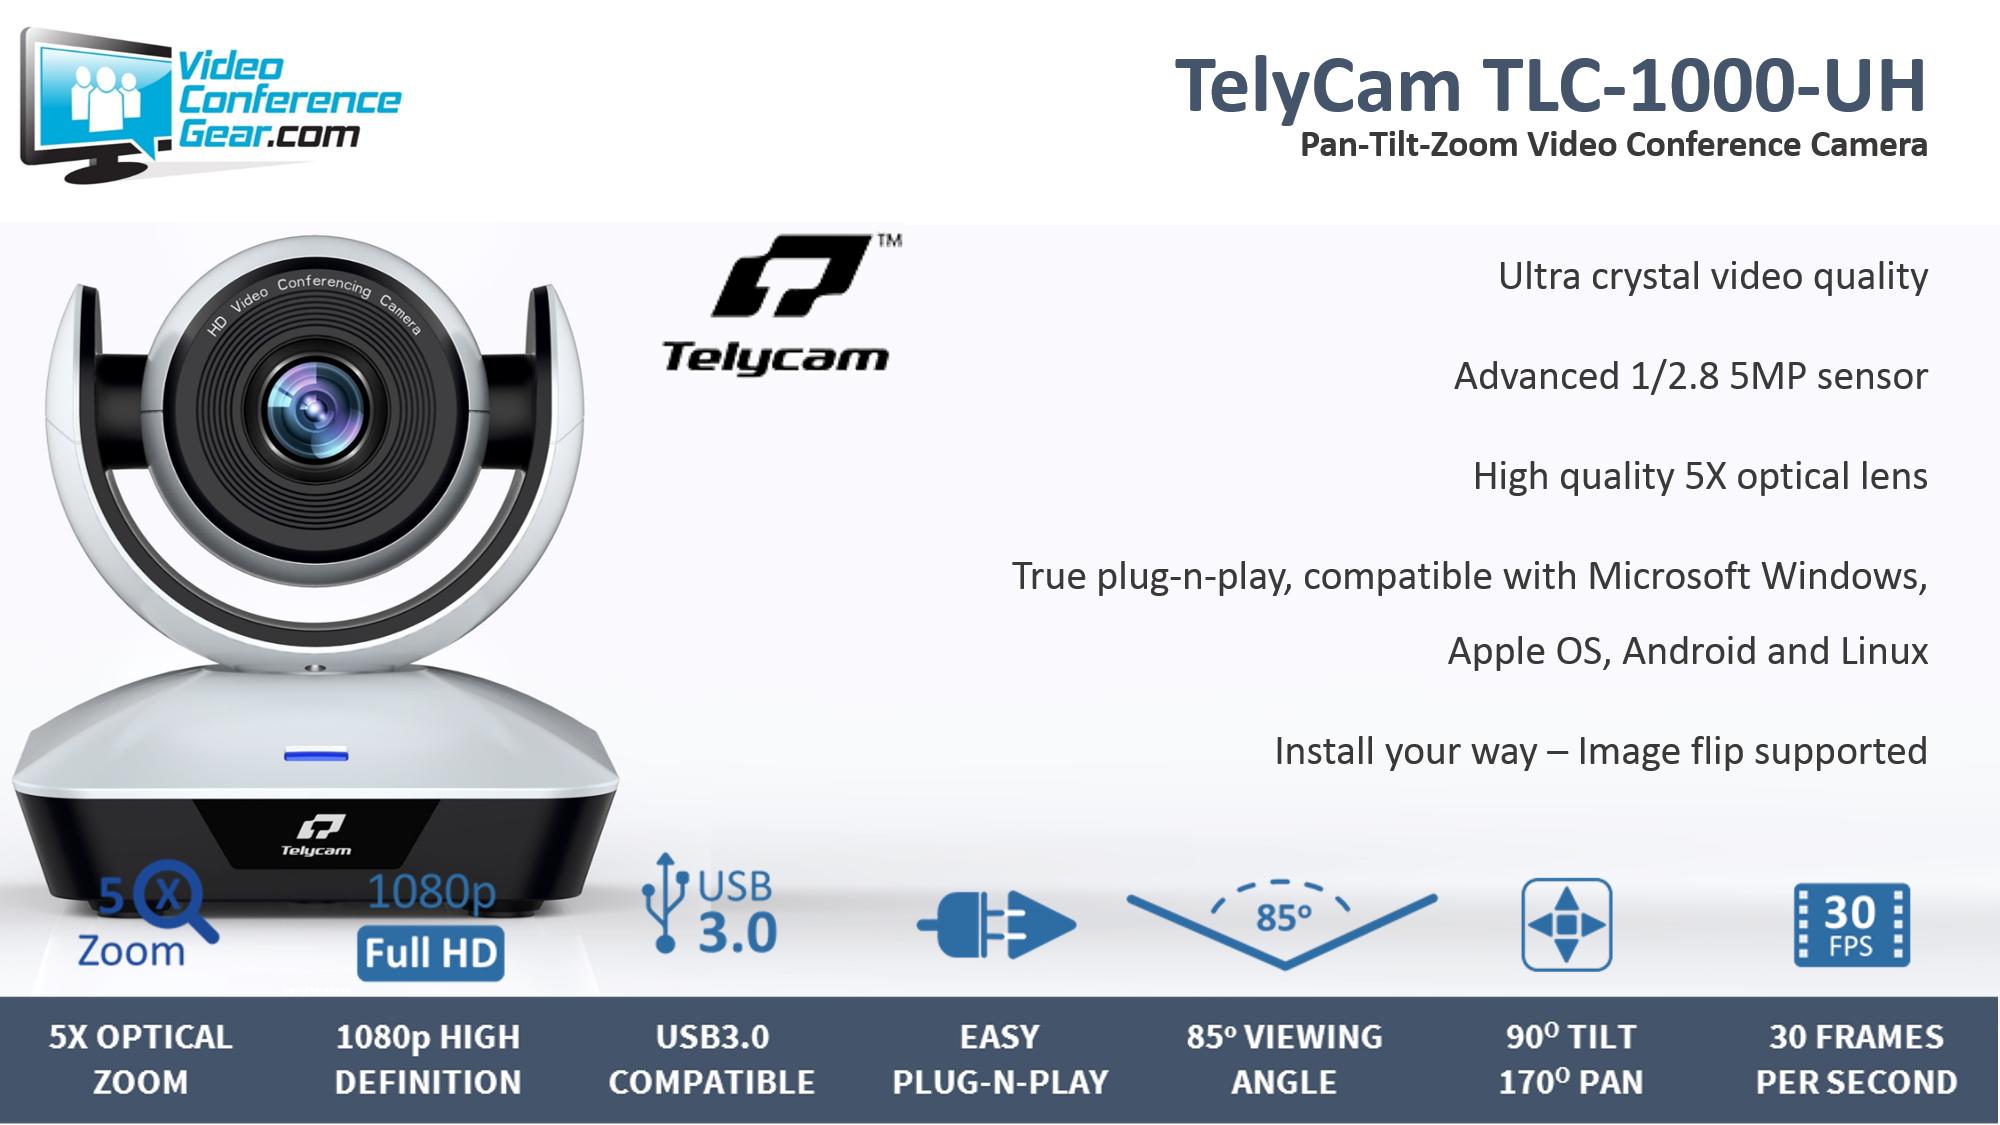 TelyCam TLC-1000-UH